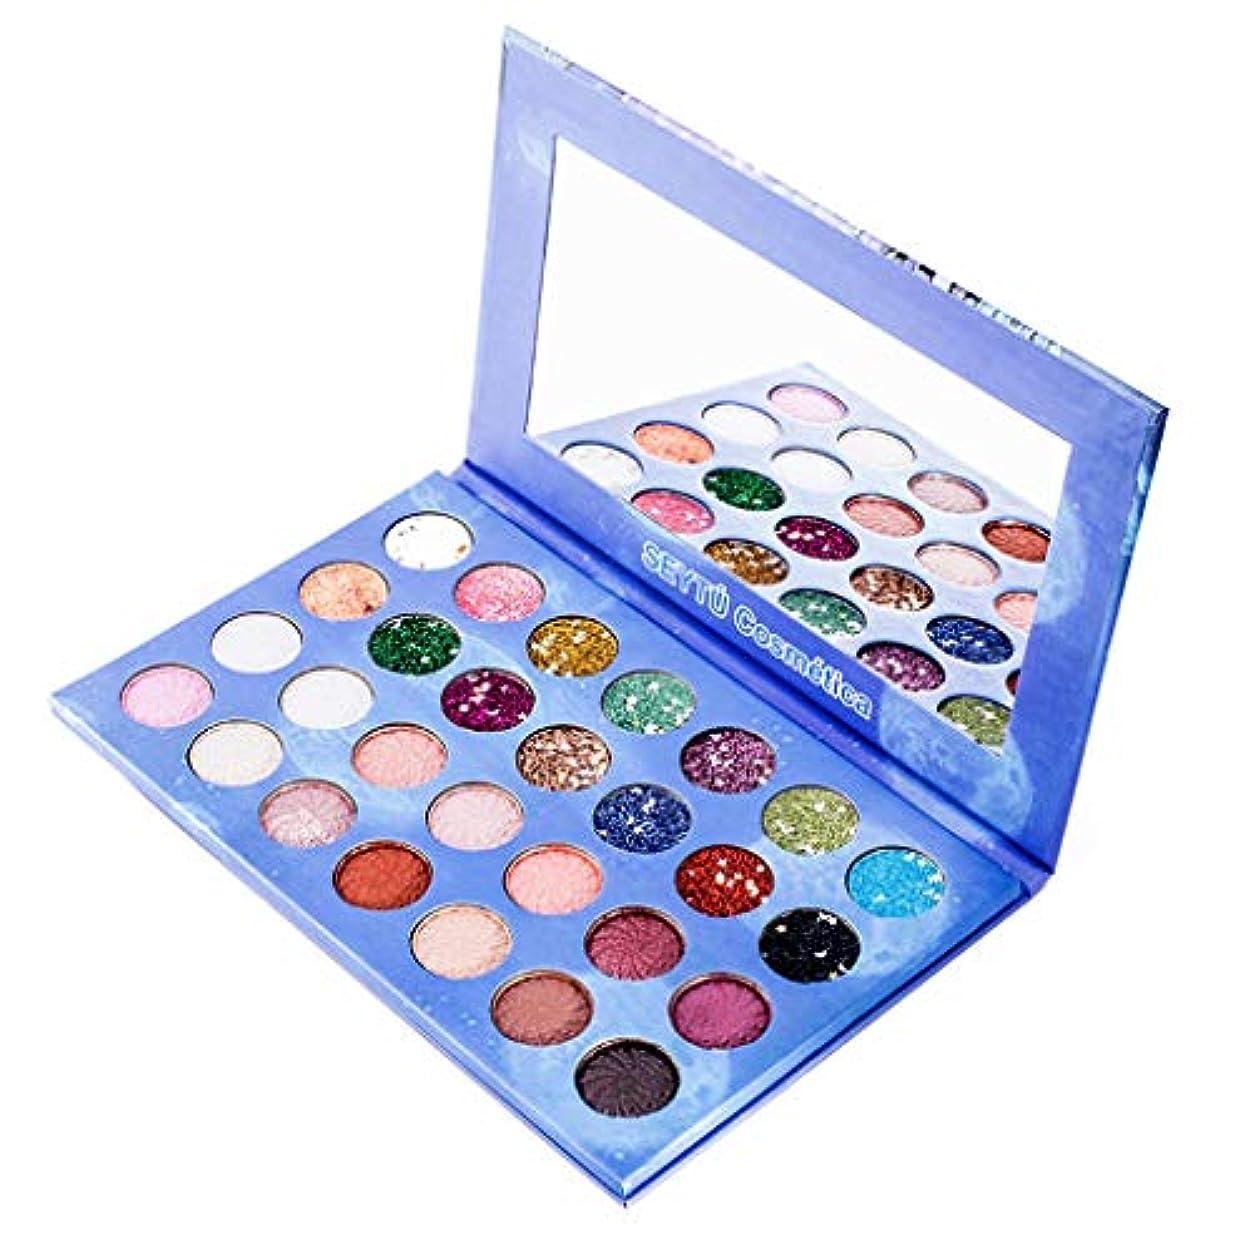 動くオペラ人工28色シマーマットアイシャドウアイシャドウパレットプロ化粧品メイクアップツール